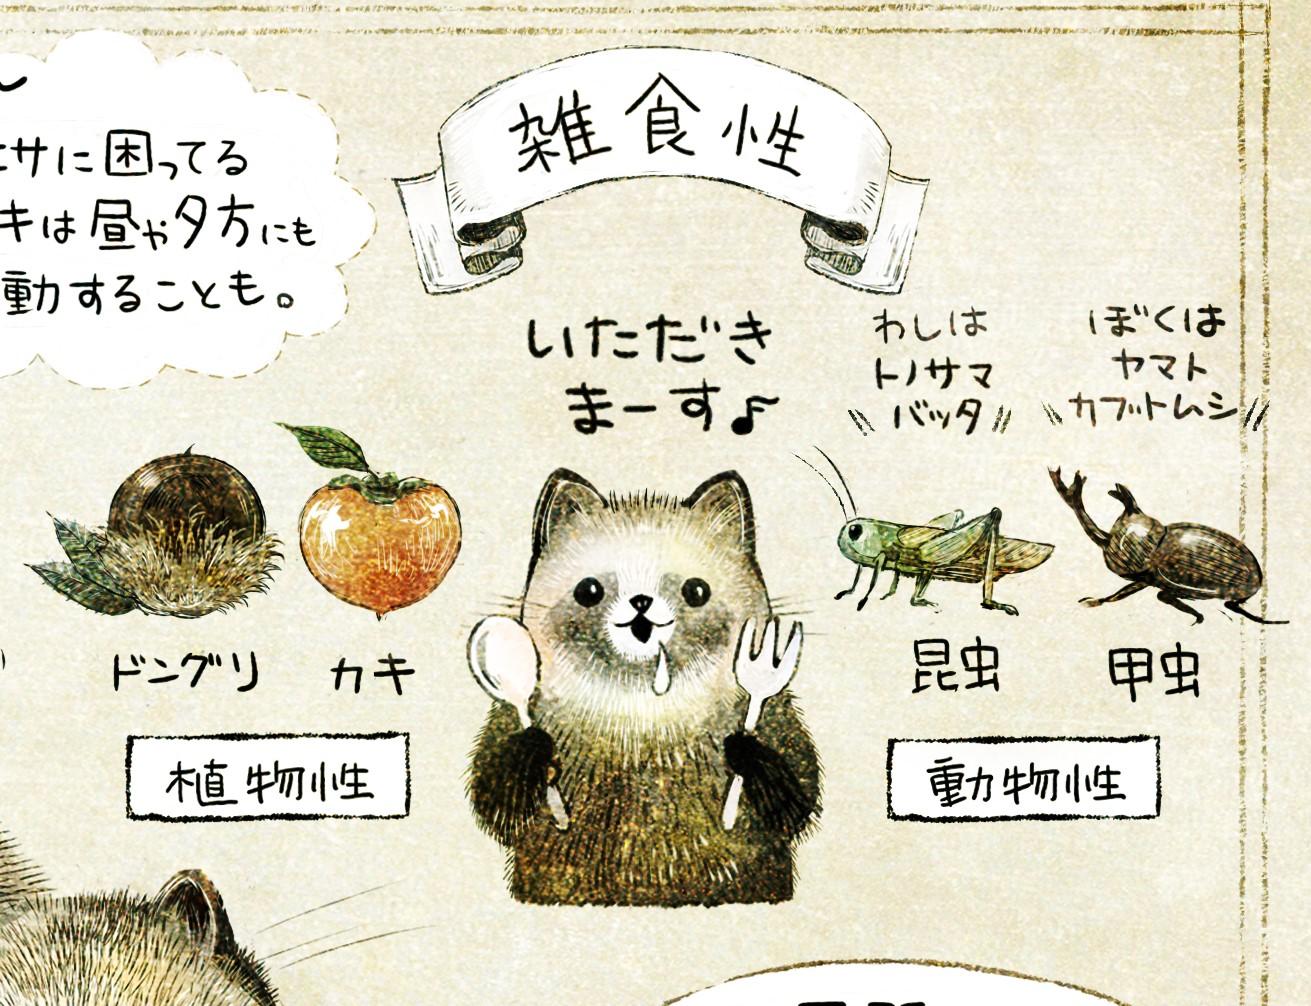 ホンドタヌキの生態 イラスト解説 タヌキは雑食性で、ドングリやカキ、昆虫(バッタやカブトムシ)を食べるよ。